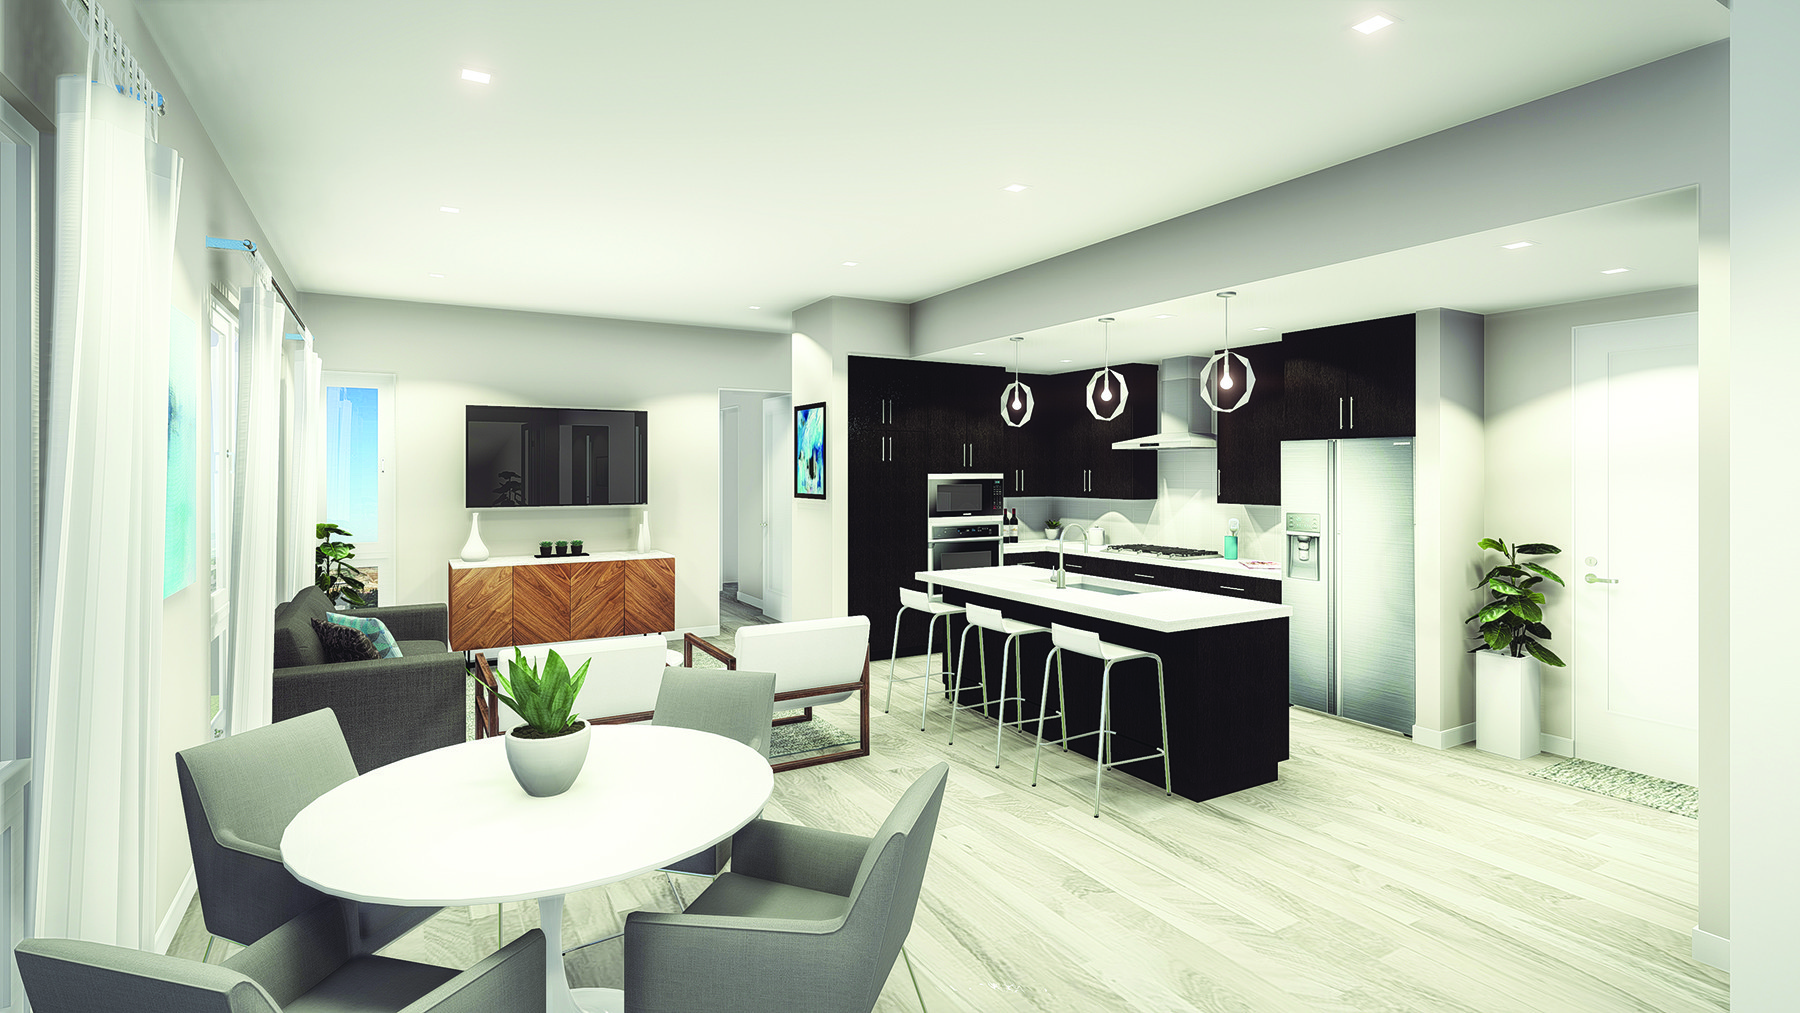 elevate kitchen rendering